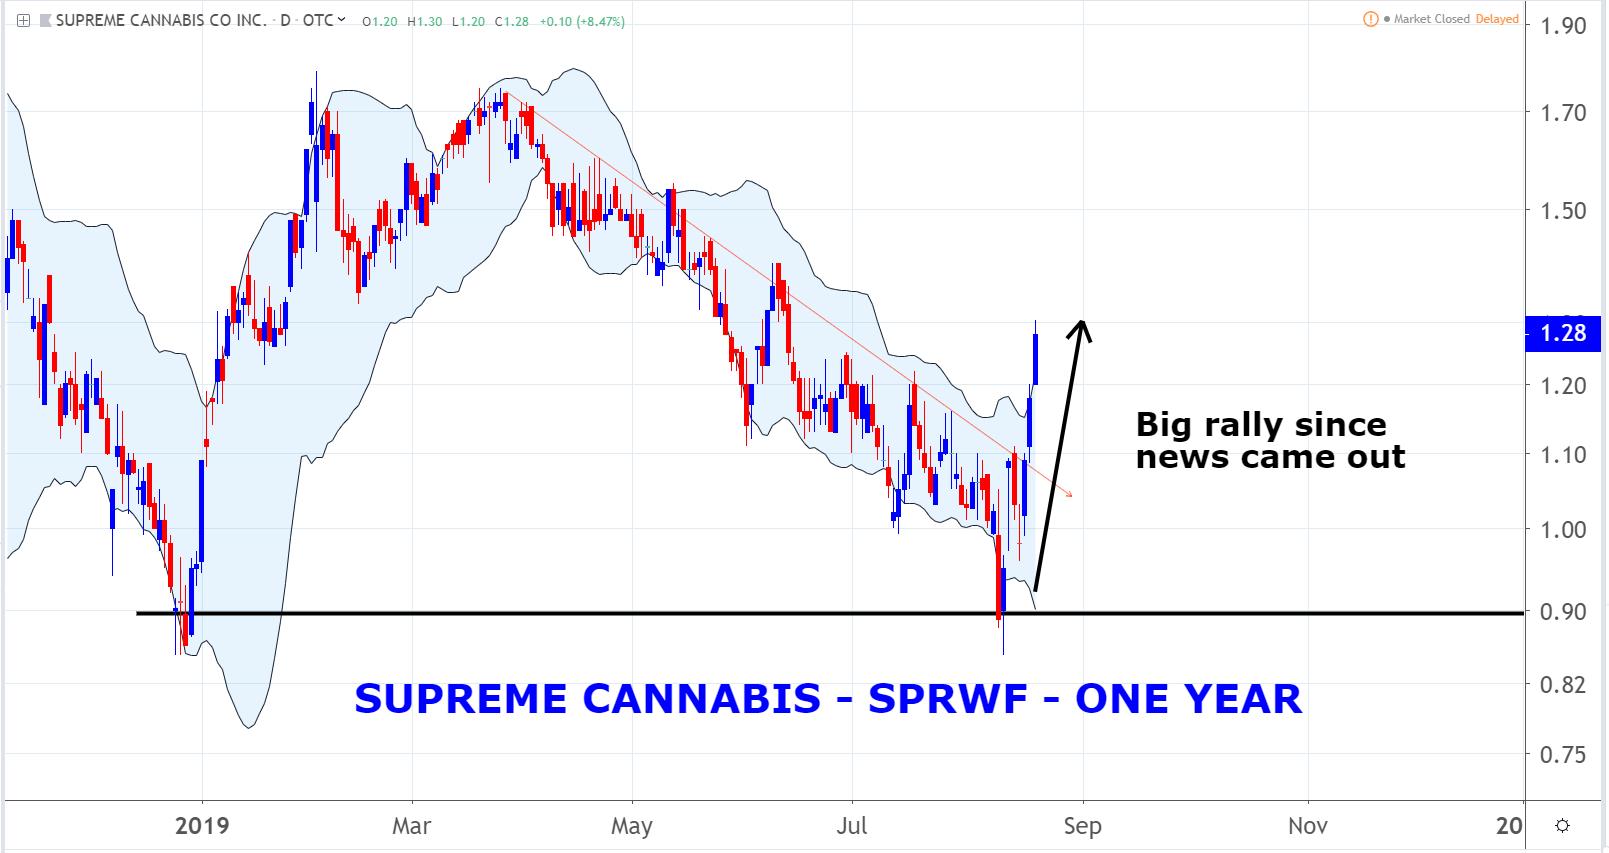 Marijuana Stocks: Supreme Cannabis (SPRWF)